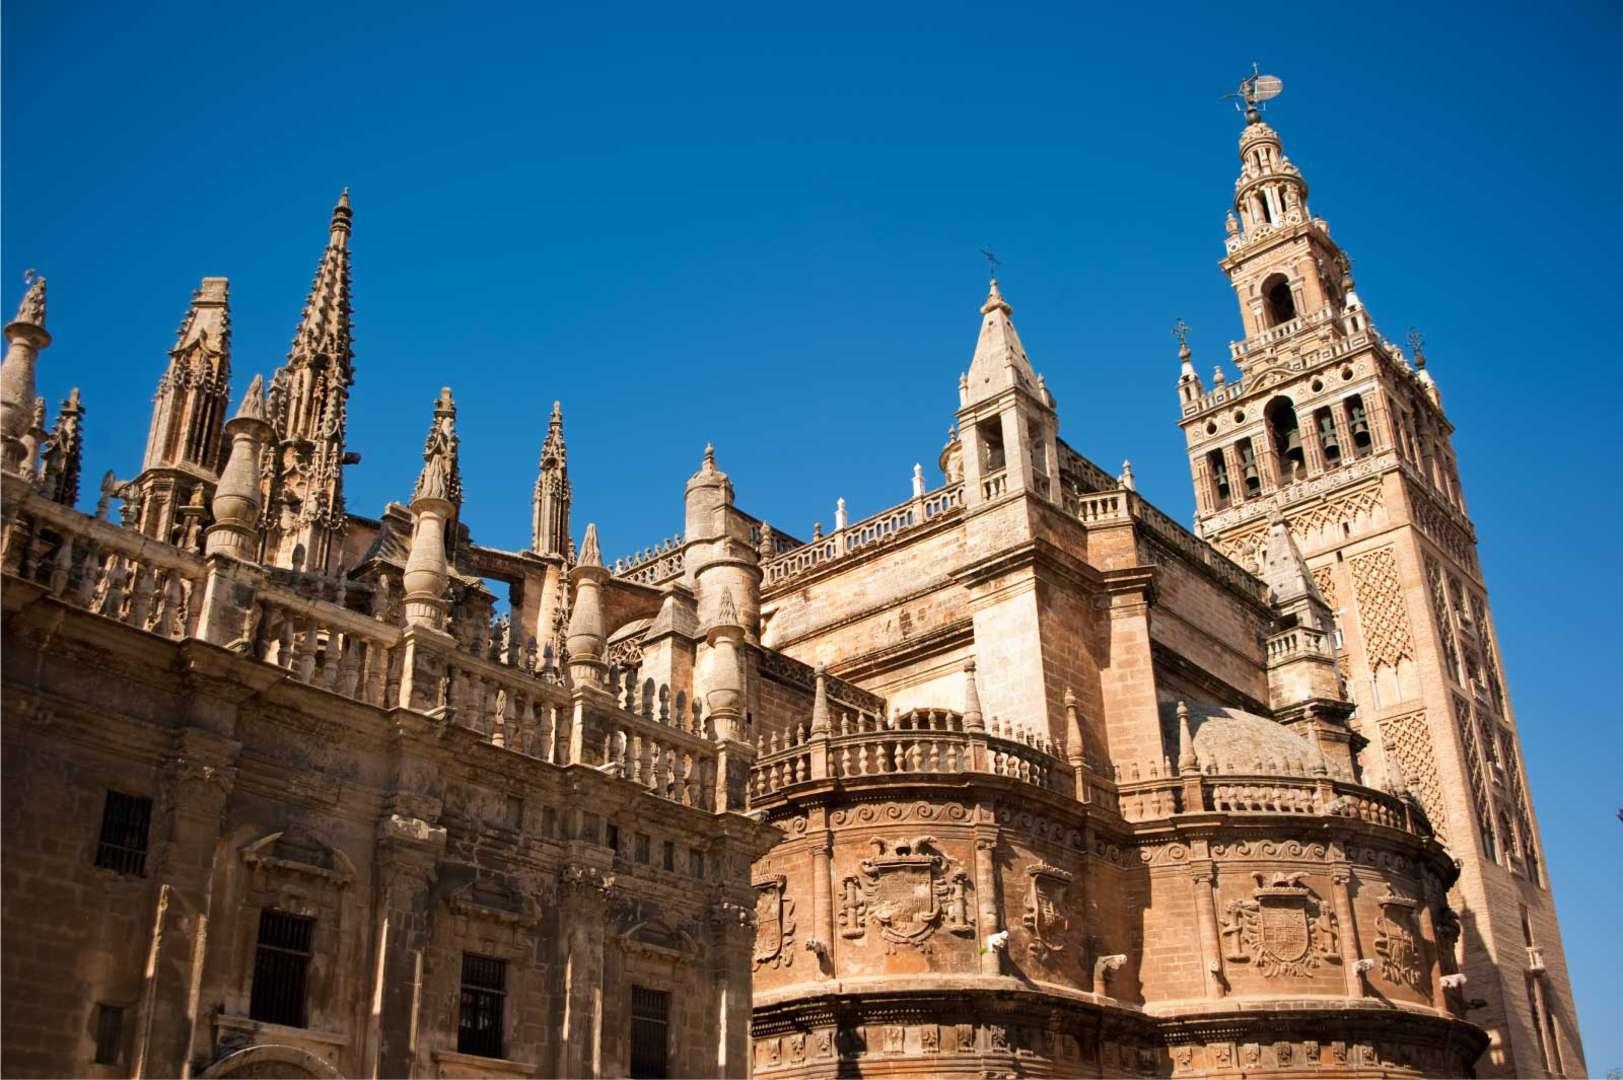 VISITA LA CATEDRAL DE SEVILLA<br /><strong>VISITA en ESPAÑOL <strong class='extra_info_articulo'>- desde 29.00 €  </strong></strong>